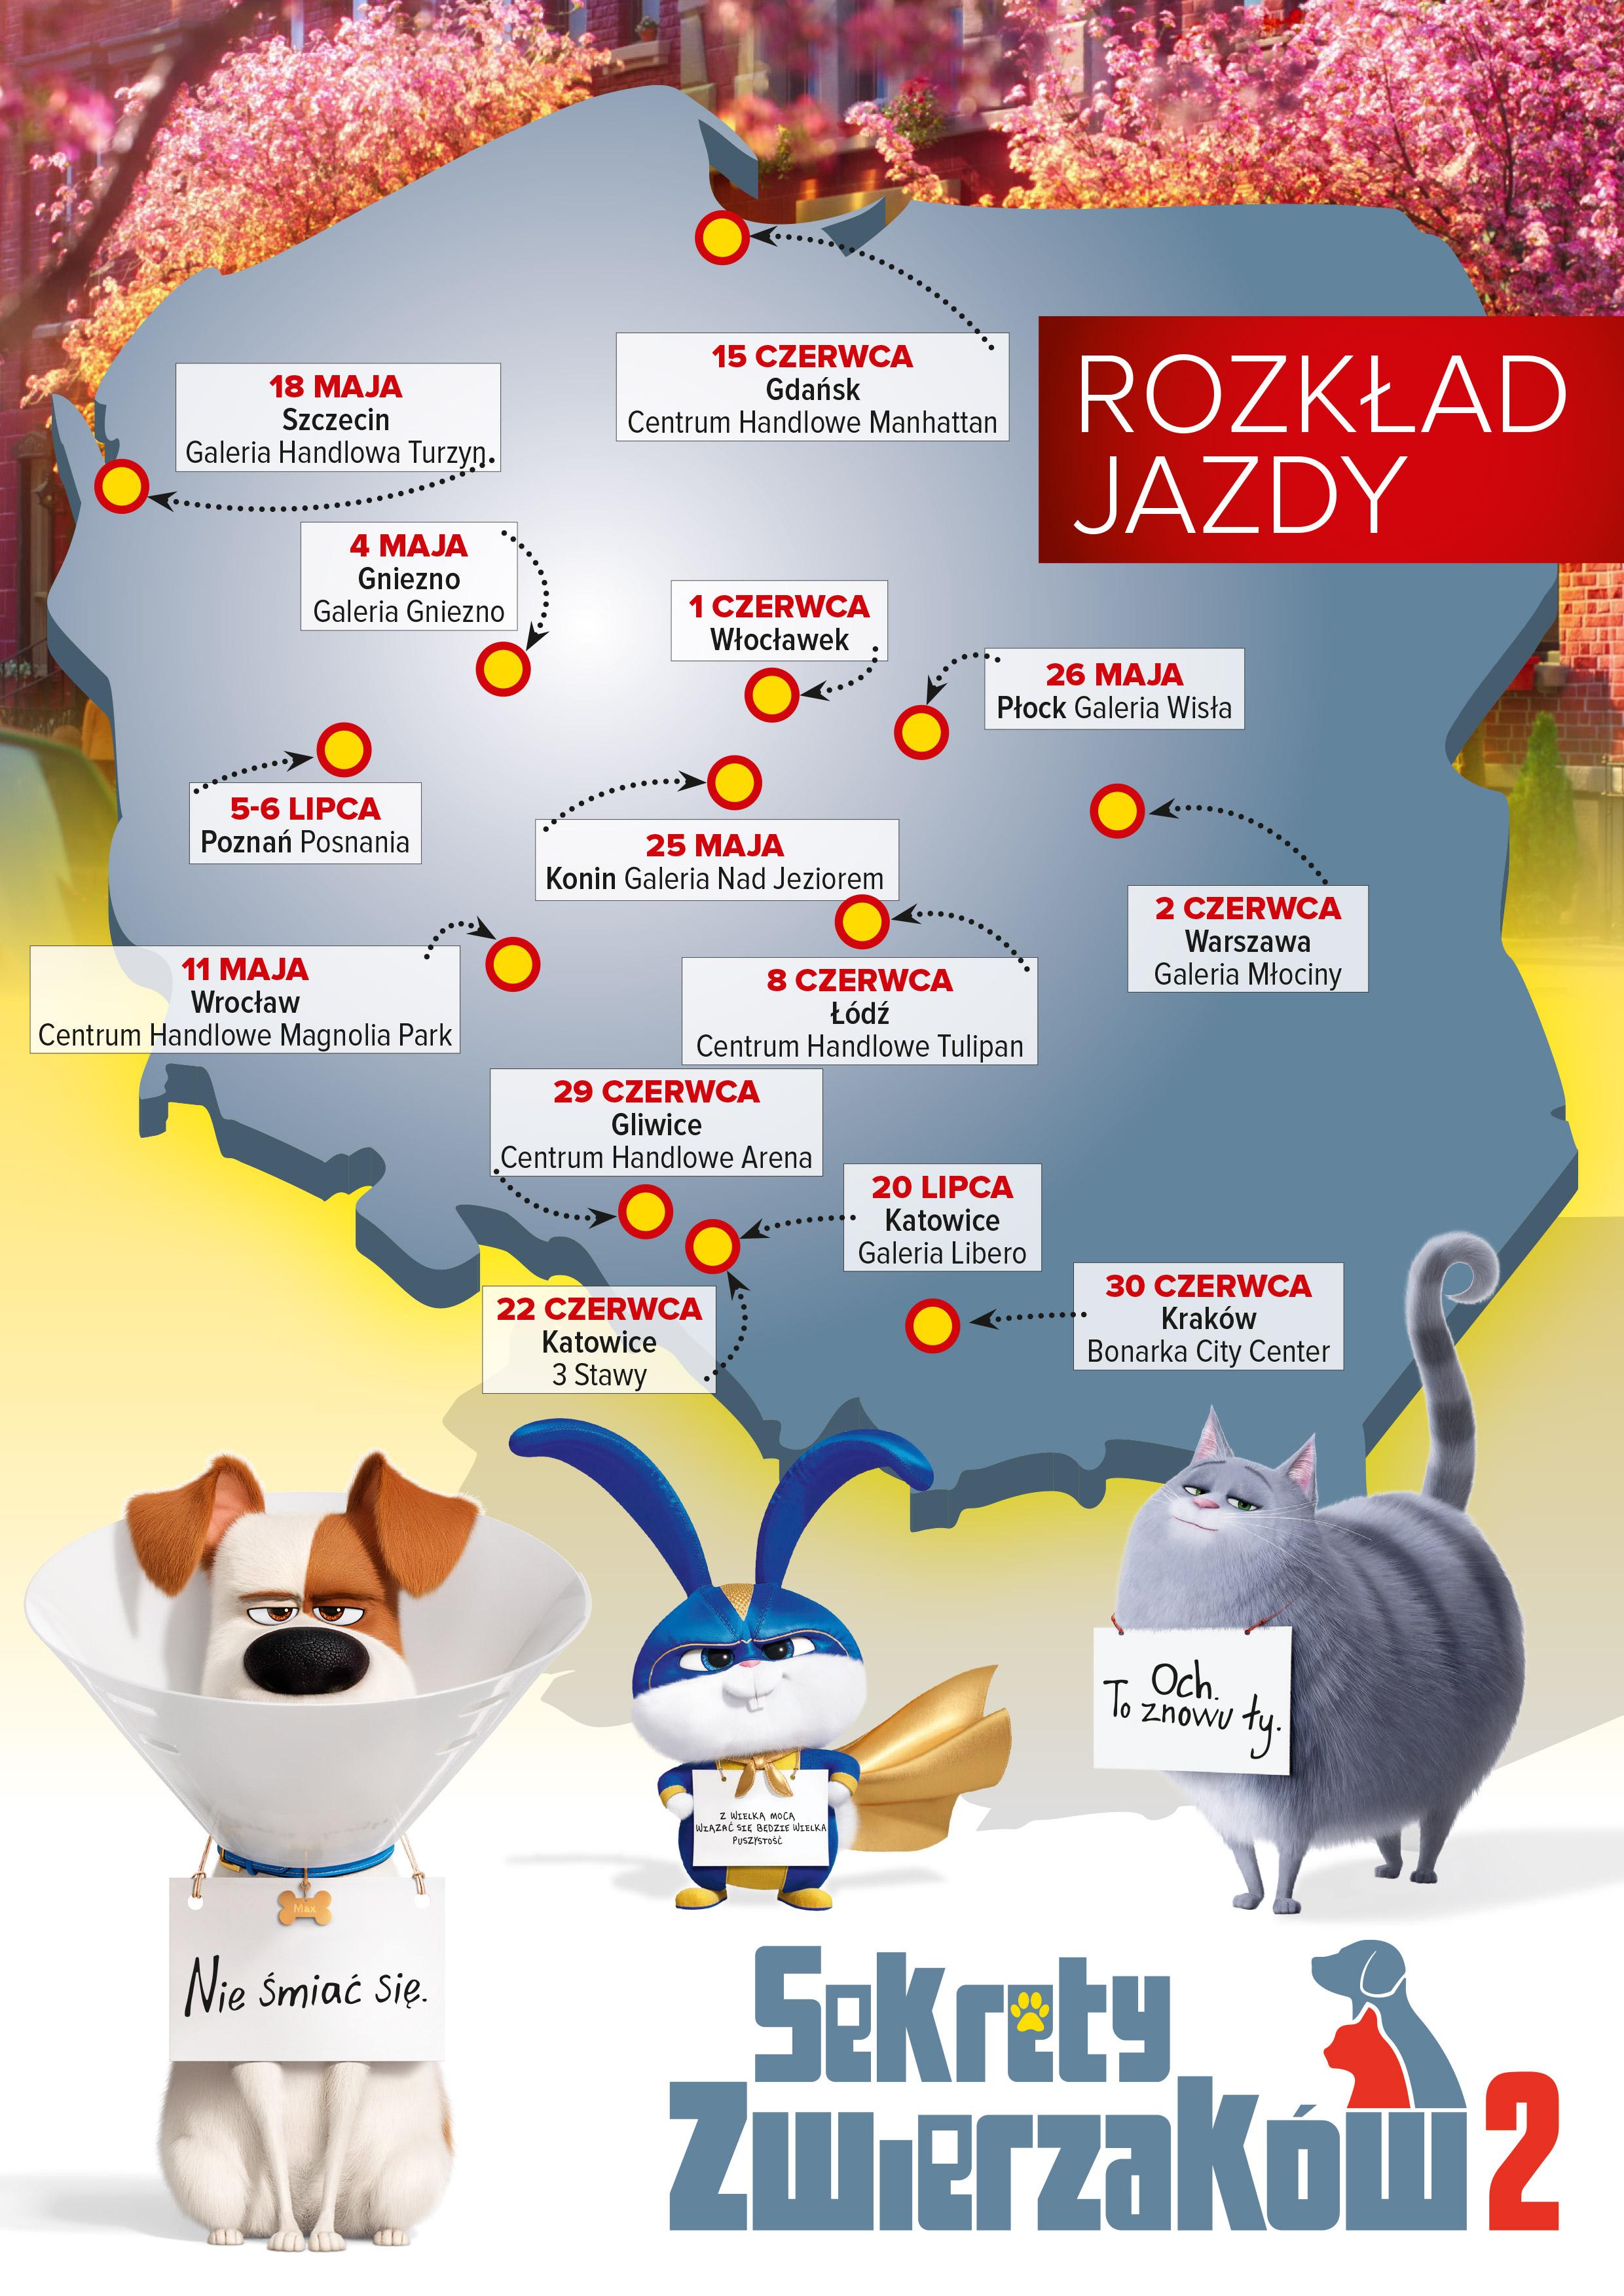 SEKRETY_ZWIERZAKOW_2_mapa_NOWA_